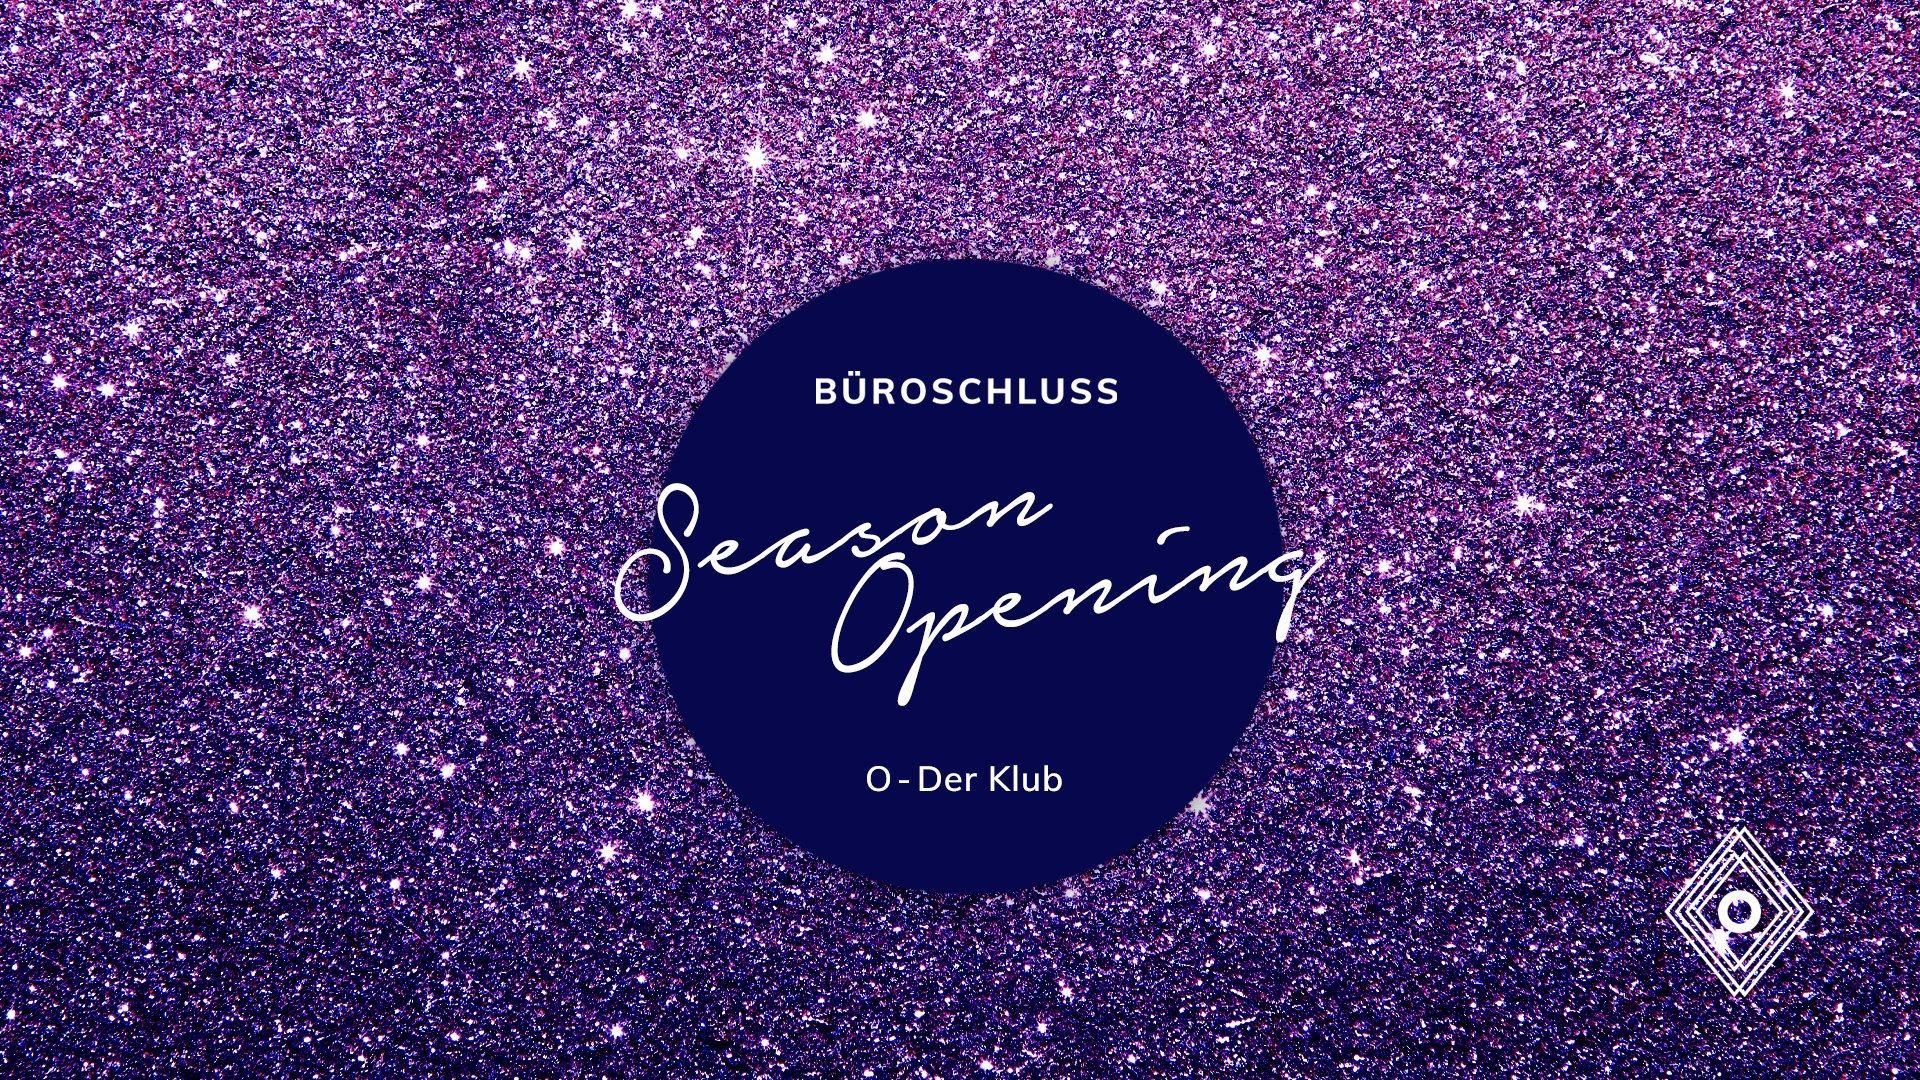 Events Wien: Büroschluss ★ Season Opening ★ O Klub